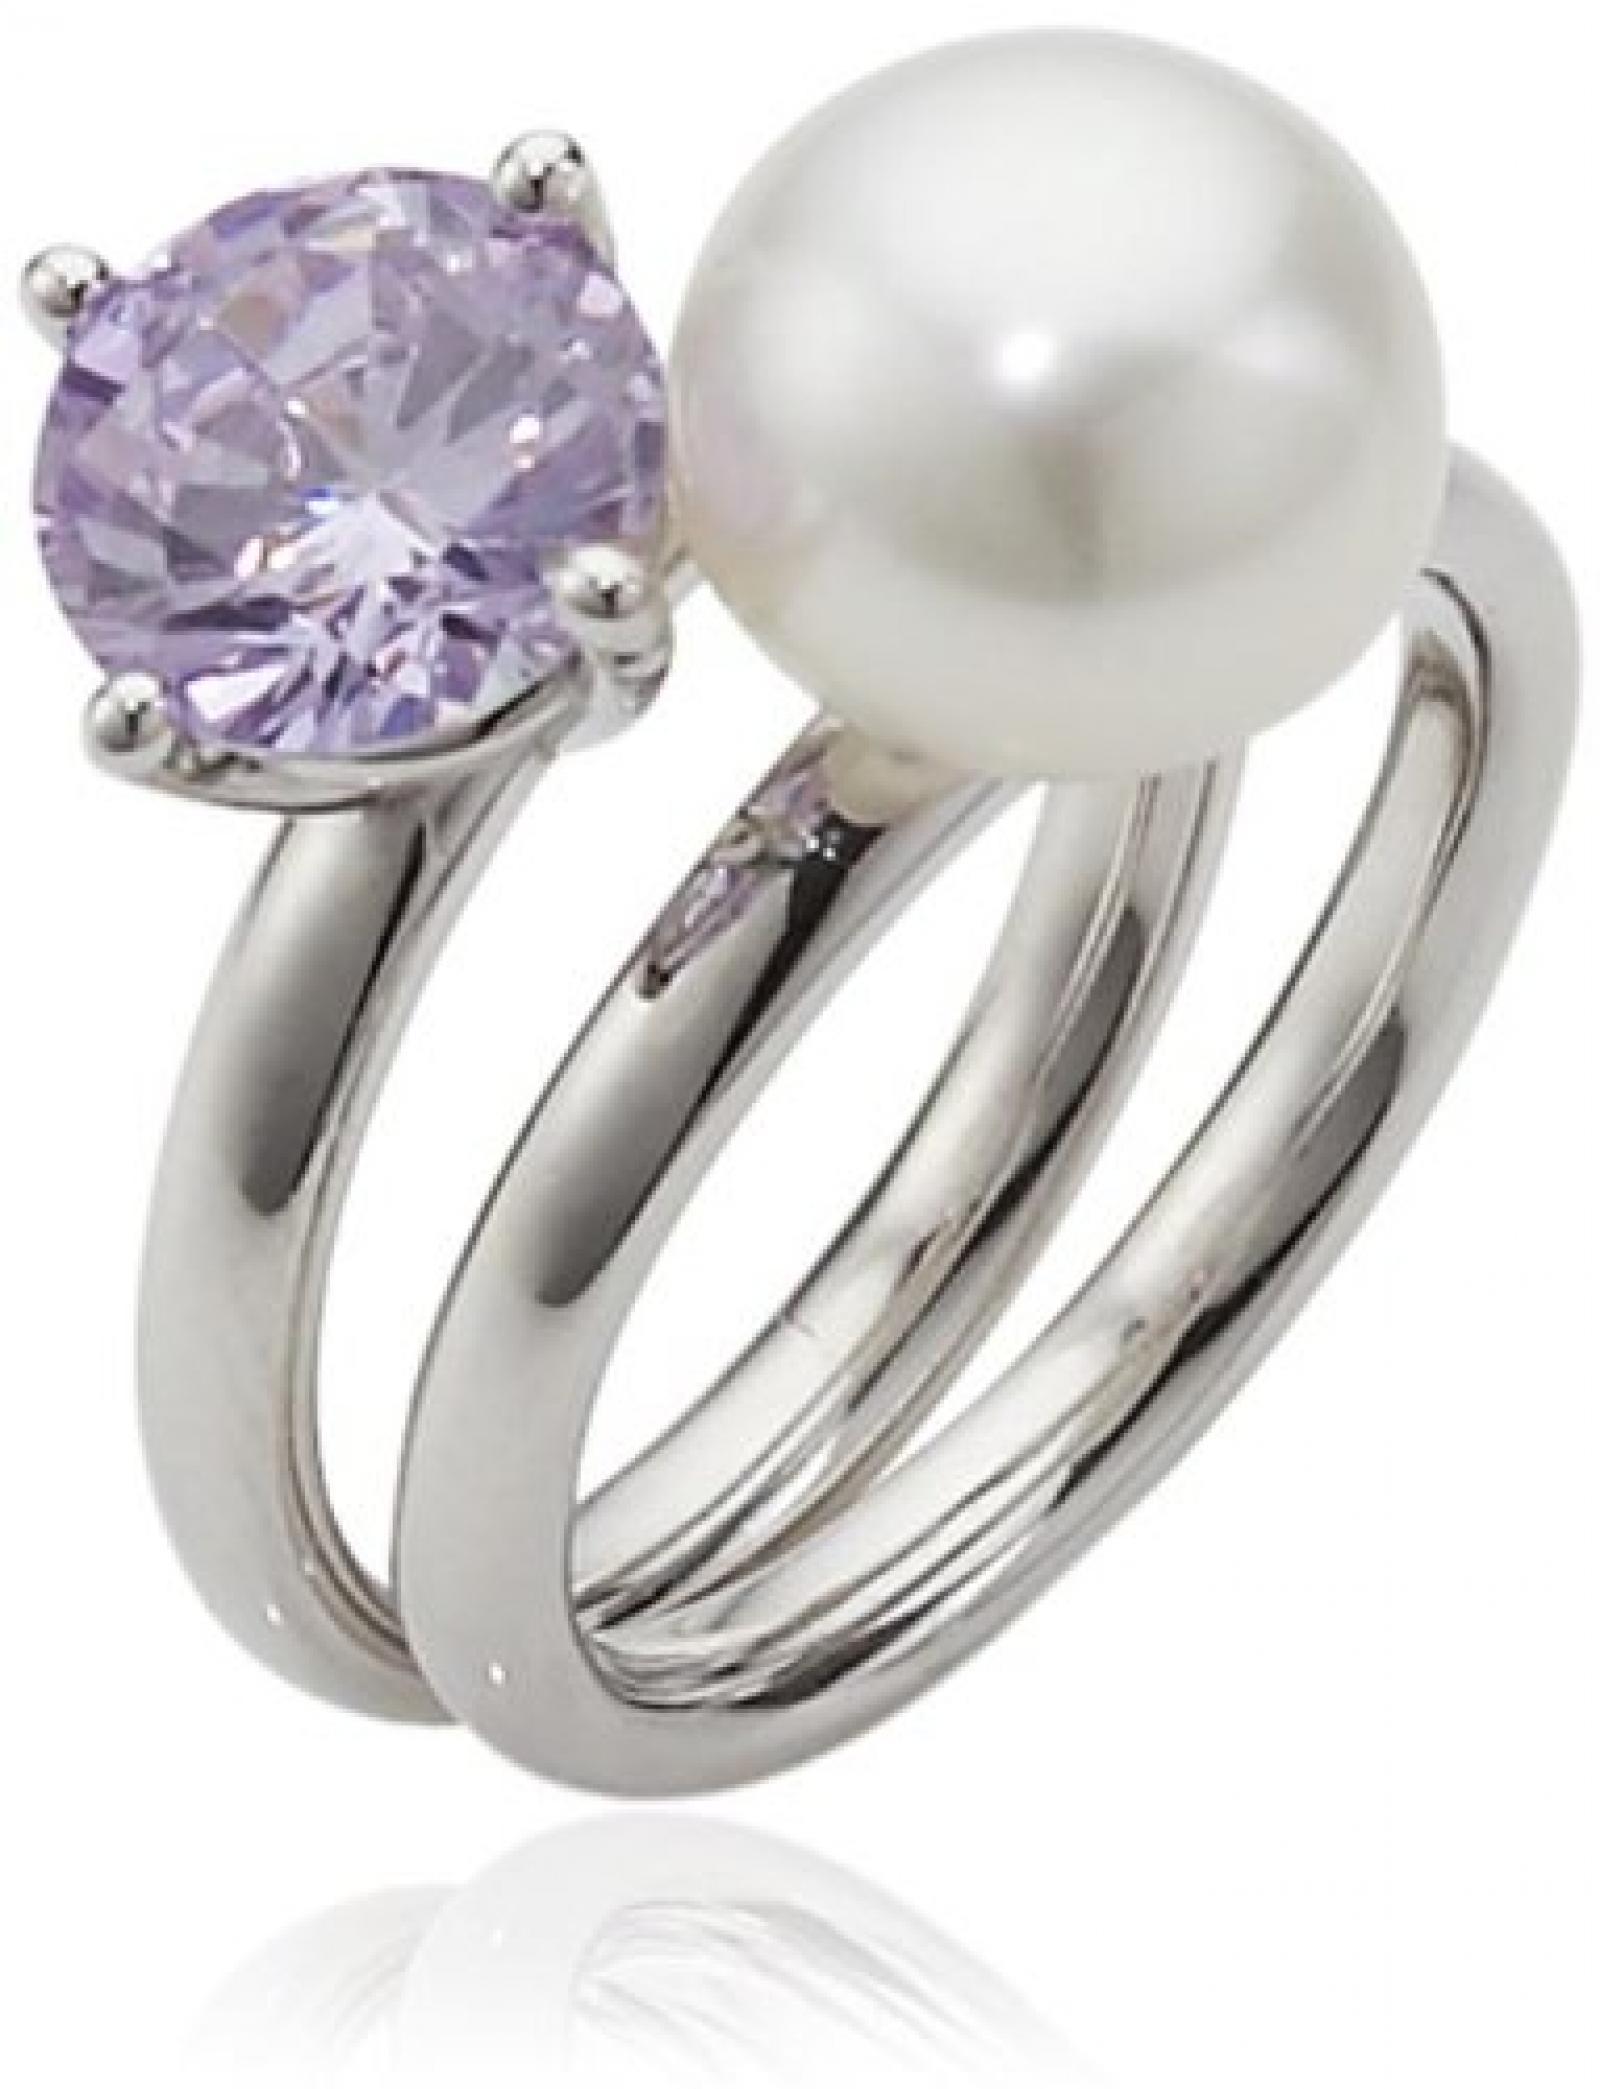 Adriana Damen-Ring Süßwasser Zuchtperlen purple rain 925 Sterling-Silber Rainbow RAR-V-Gr.54